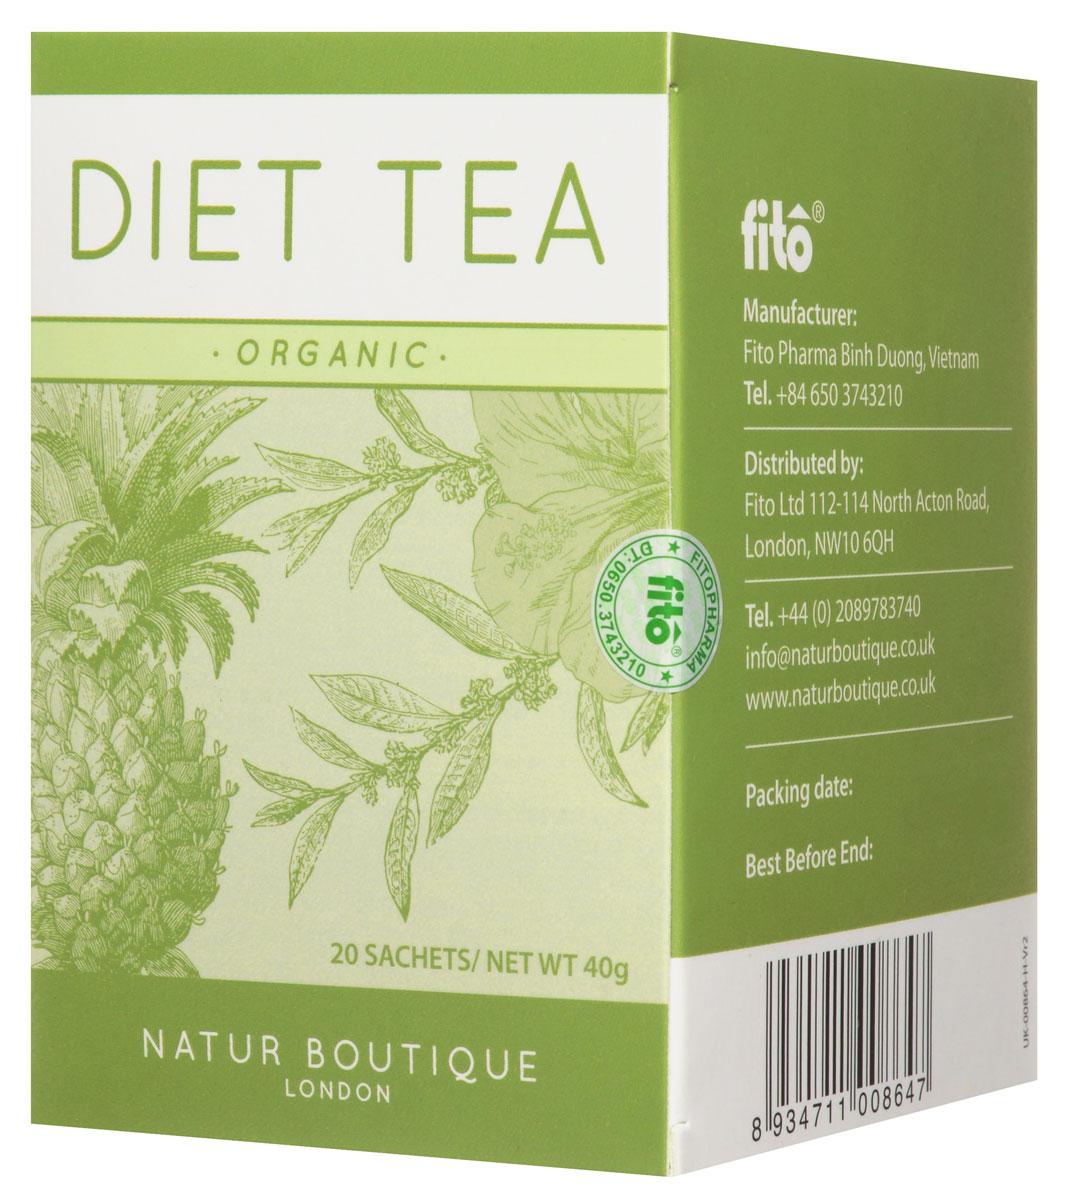 Natur Boutique Diet Organic Tea органический чай диетический, 20 пакетиков251Зеленый чай Natur Boutique Diet Organic Tea помогает похудеть за счет ускорения обмена веществ, регулирования уровня глюкозы, снижения аппетита и улучшения сжигания жиров. Ортосифон имеет мягкое калийсберегающее мочегонное действие, и, таким образом, способствует безопасному похудению. Ананас, благодаря содержанию бромелайна, ускоряет обмен веществ, выводит из организма токсины, делает мочегонное и противовоспалительное действие.Гибискус (каркаде) обладает антиоксидантным, мягким мочегонным и слабительным действием, а также укрепляет сосуды и нормализует пищеварение. Состав: органический зеленый чай, трава органического ортосифона, плоды органического ананаса, цветы органического гибискуса.Органический чай на основе зеленого чая, ортосифона, ананаса и гибискуса удивит приятным фруктовым вкусом и поможет на пути к стройной фигуре. Все растения, входящие в состав чая, выращены без использования синтетических пестицидов и минеральных удобрений на лучших плантациях Вьетнама.Всё о чае: сорта, факты, советы по выбору и употреблению. Статья OZON Гид